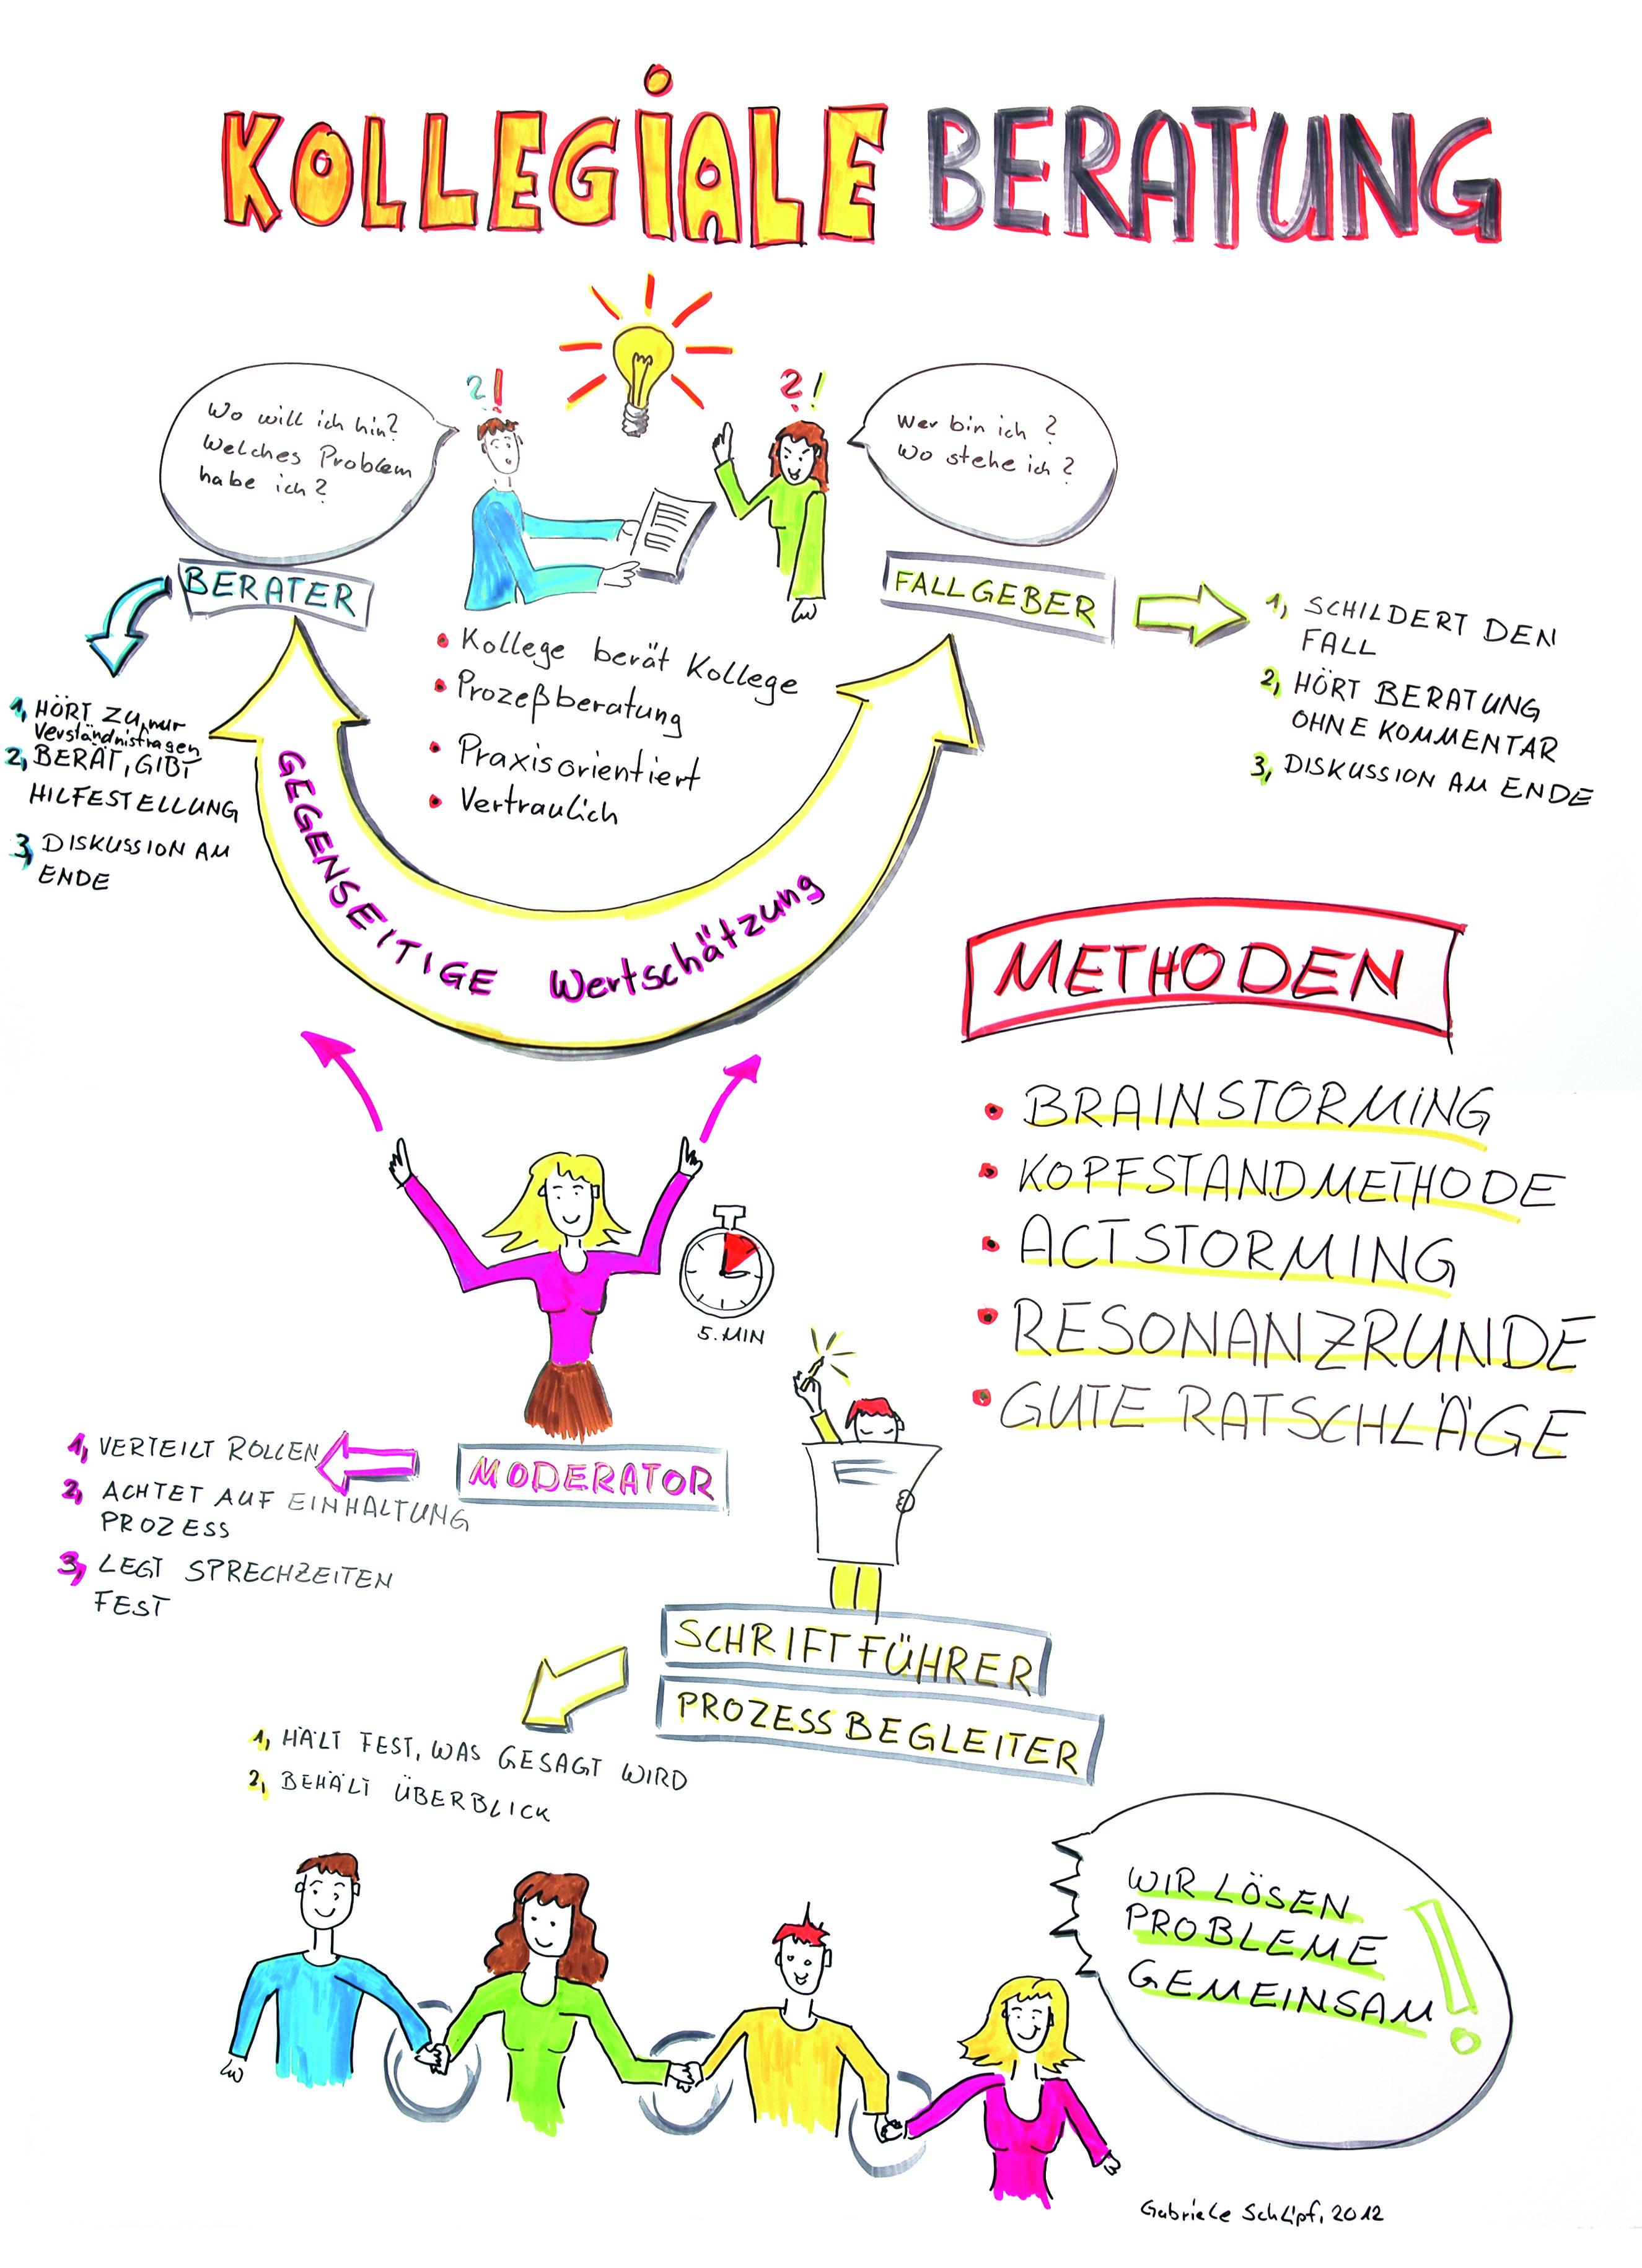 Zeichnung_Kollegiale Beratung | Klienten emphatie | Pinterest ...